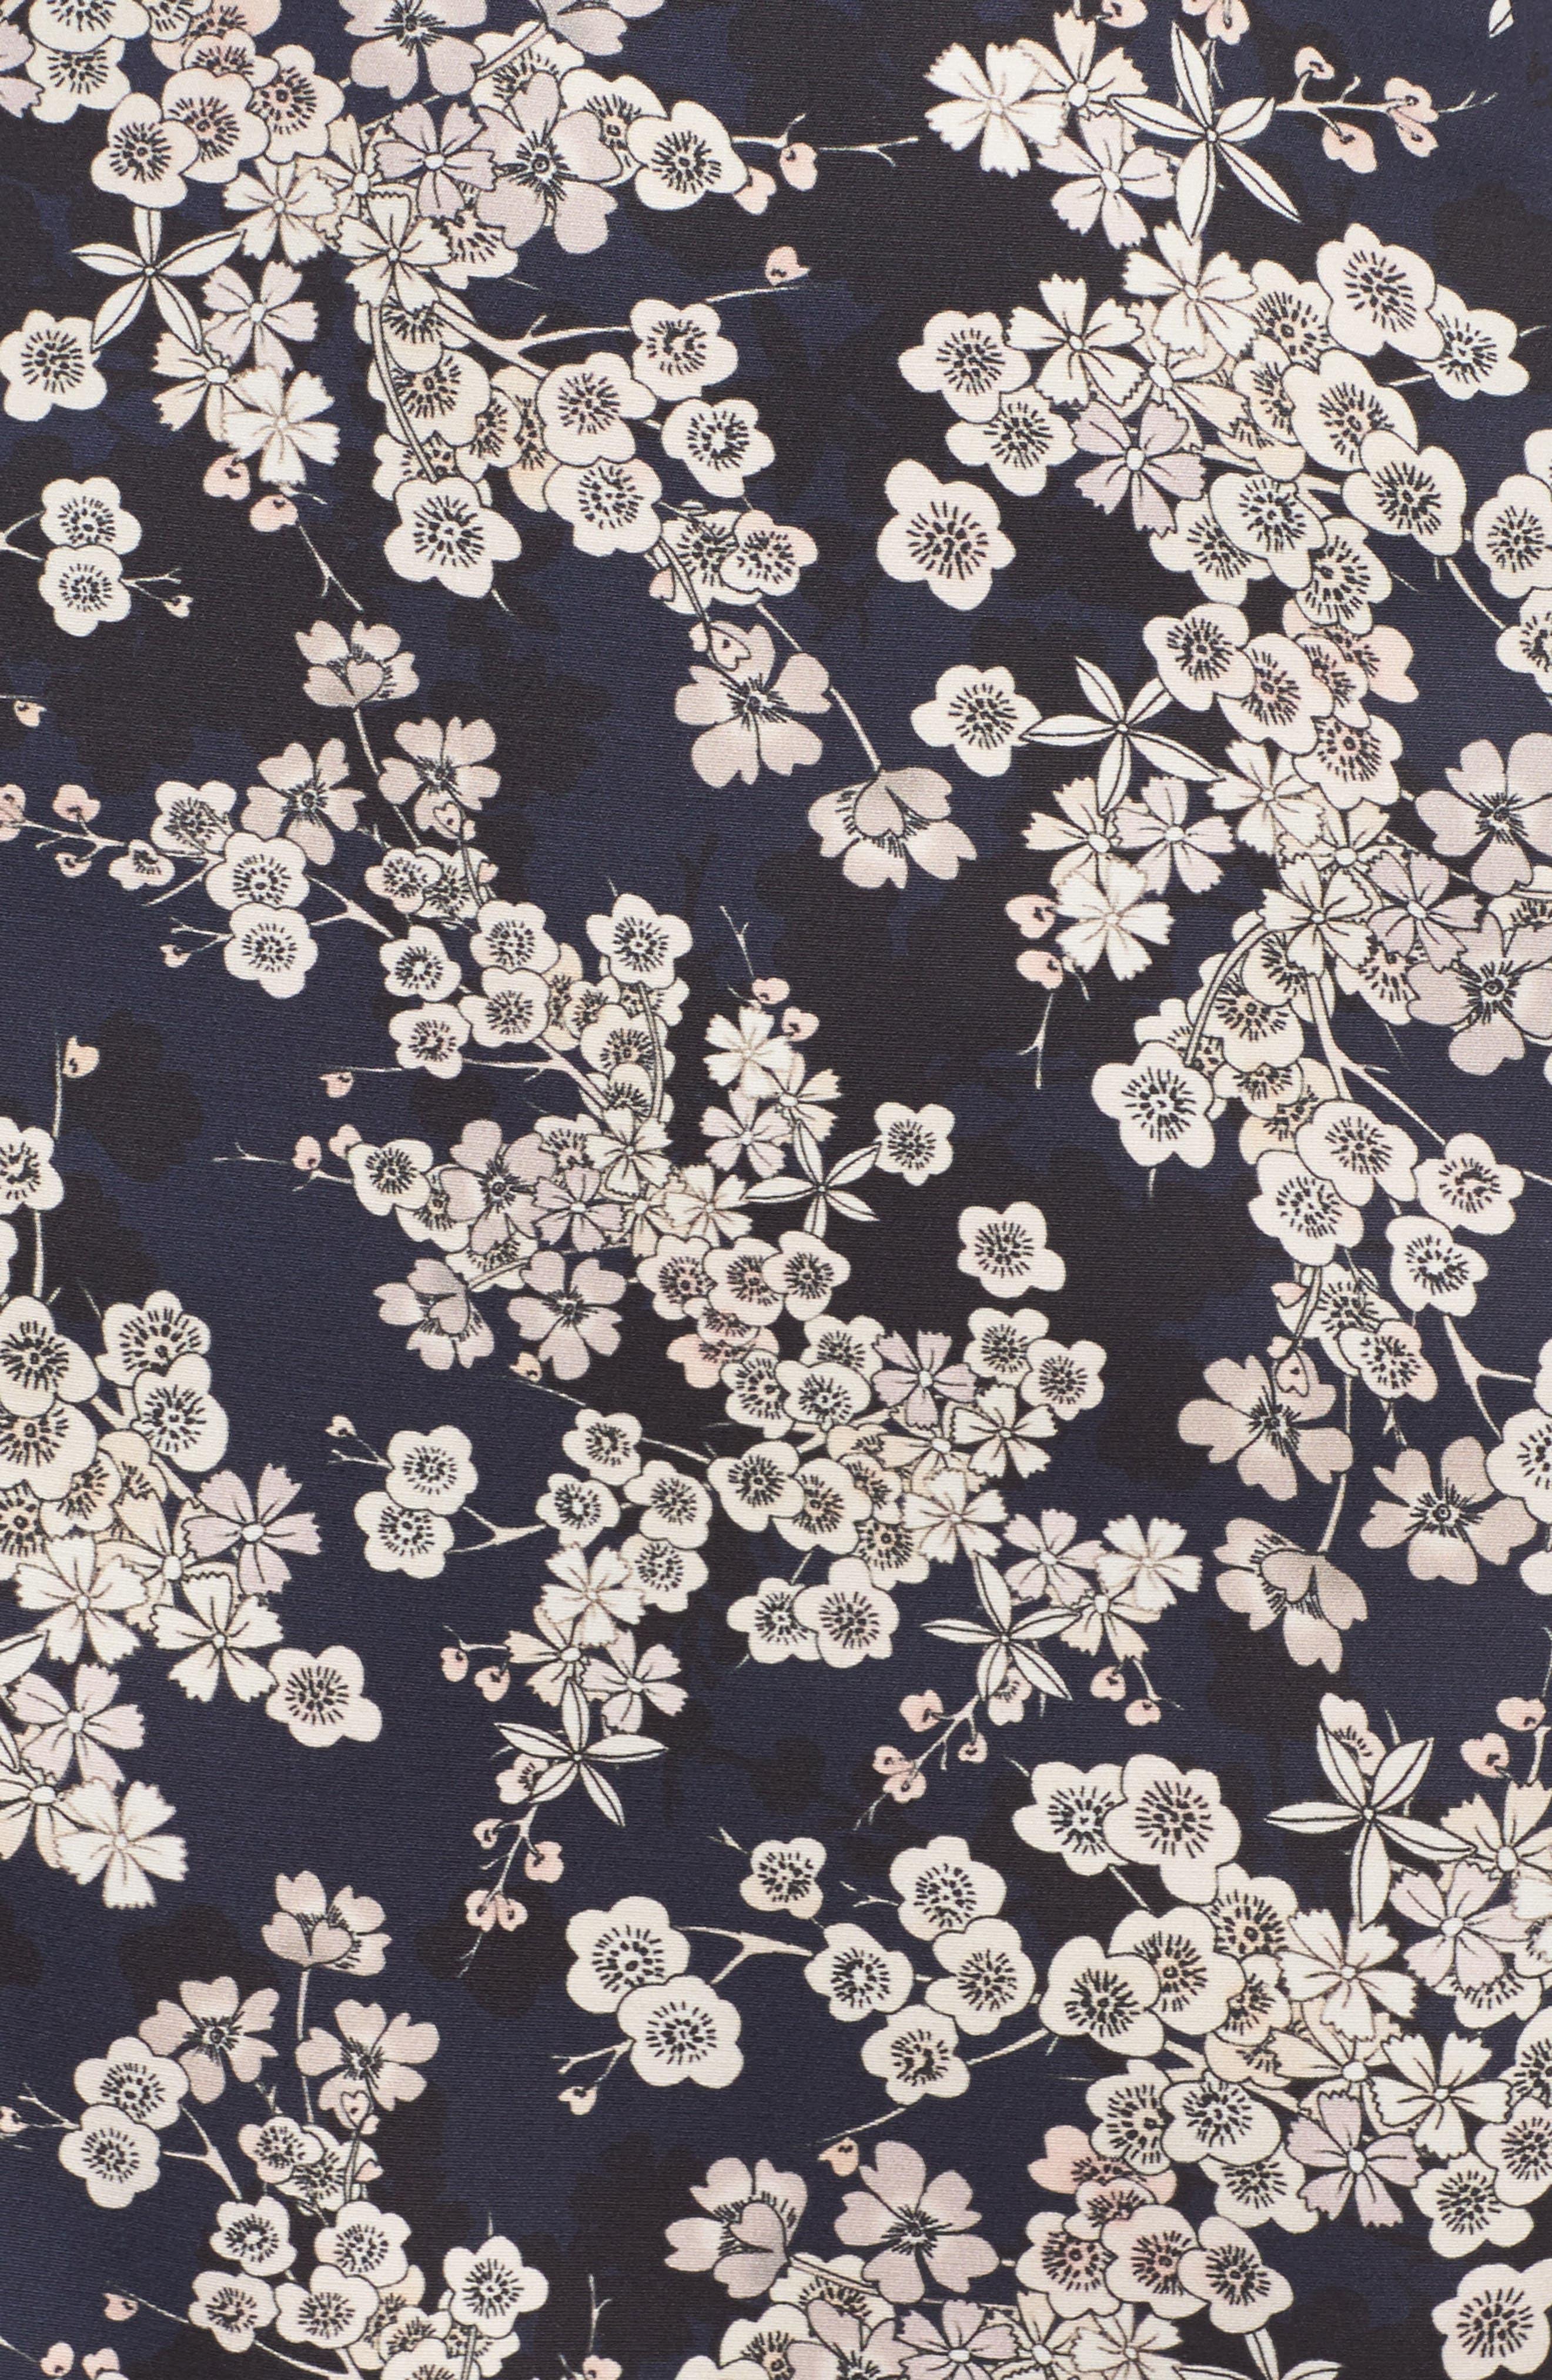 Rishiri Sheath Dress,                             Alternate thumbnail 6, color,                             Nocturnal Multi